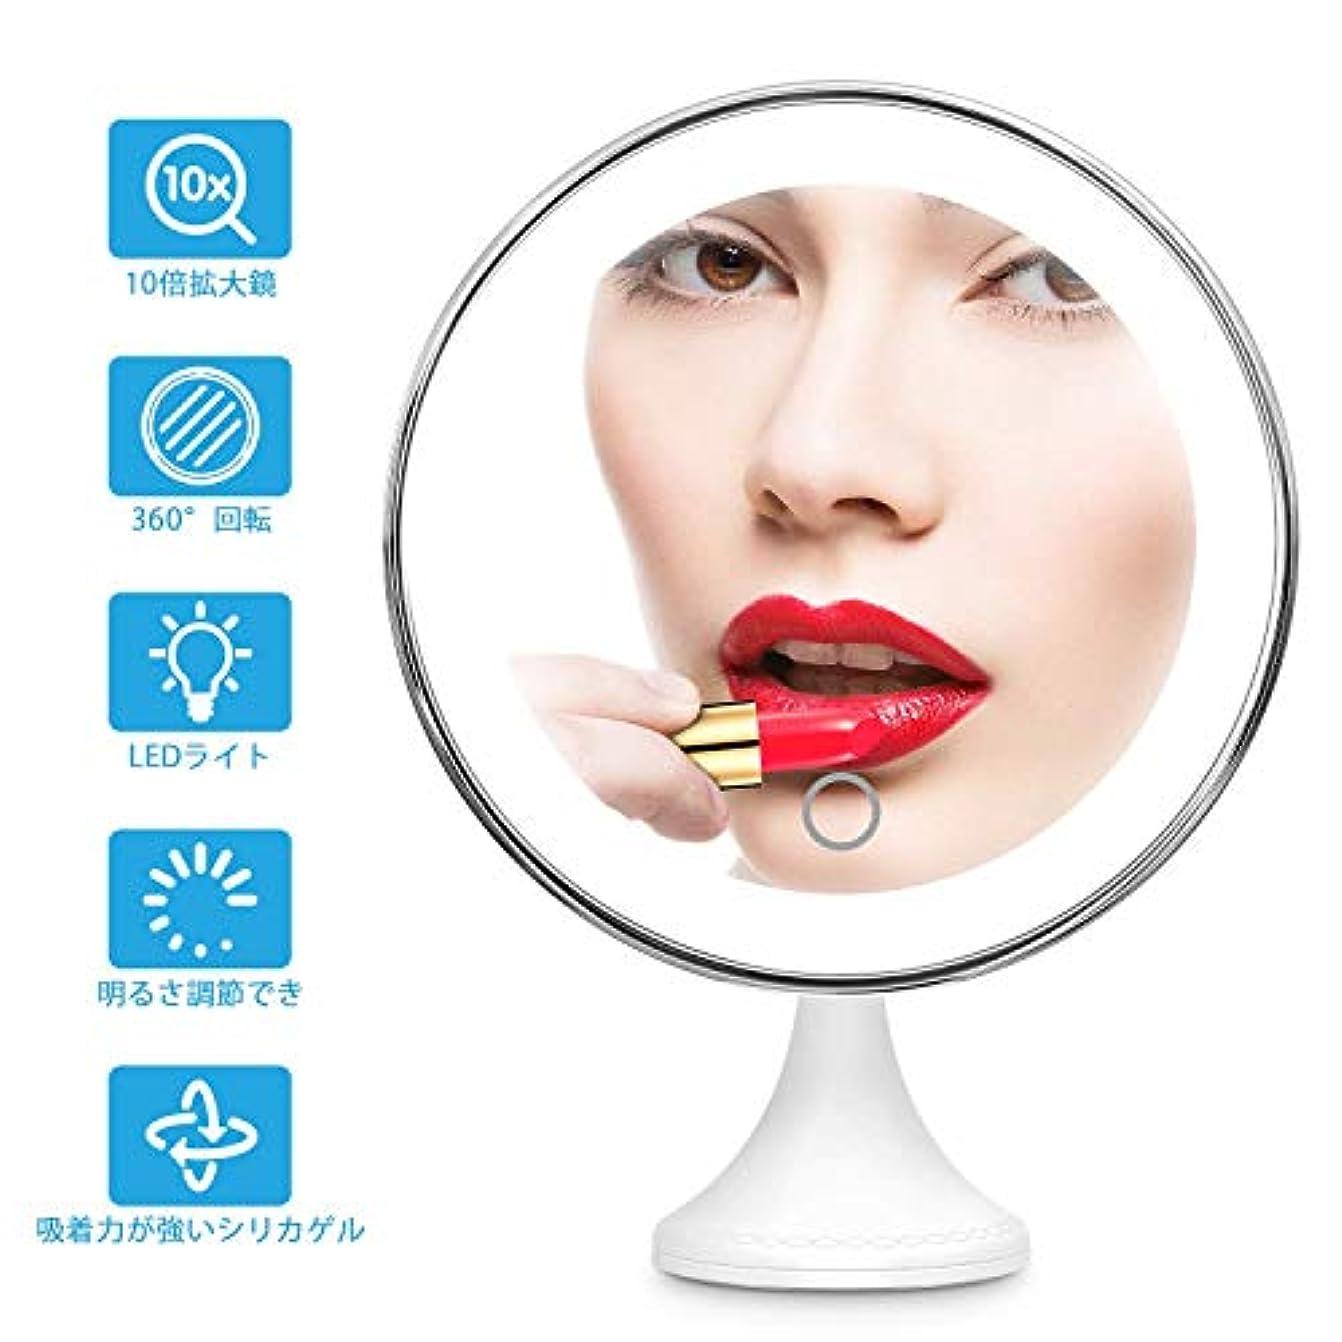 虫器用ビジター10倍拡大鏡 BEQOOL LED化粧鏡 化粧 拡大鏡 浴室鏡 女優ミラー 卓上鏡 壁掛けメイクミラー 吸着力が強いシリカゲル台座付き LEDの明るさと色調節でき 360度回転 単四電池&USB給電対応 ホワイト